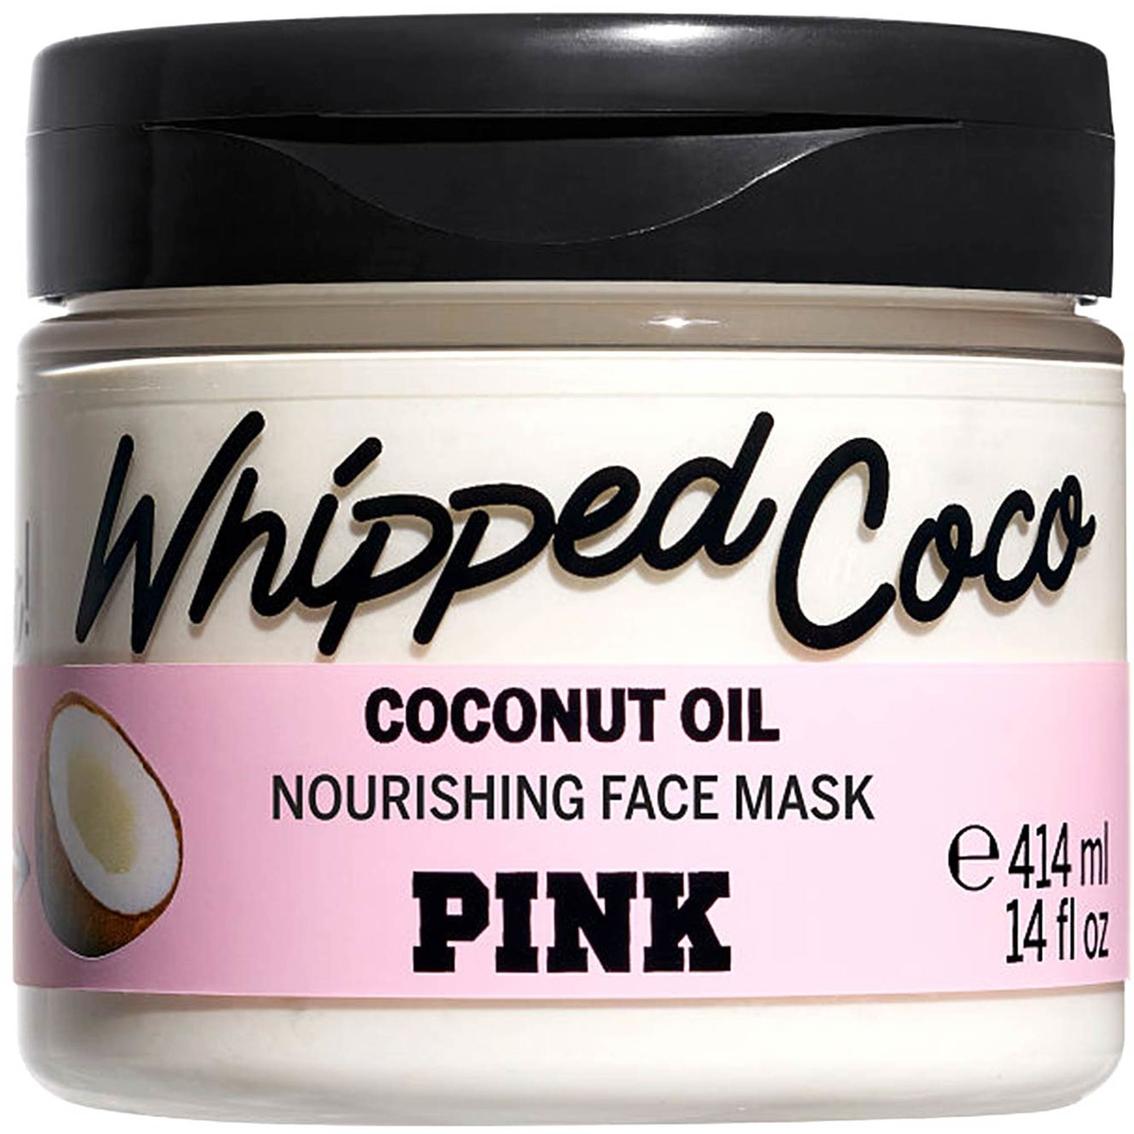 de2bbedfbde78 Victoria's Secret Pink Coco Whip Coconut Moisture Body Mask 6 Oz ...